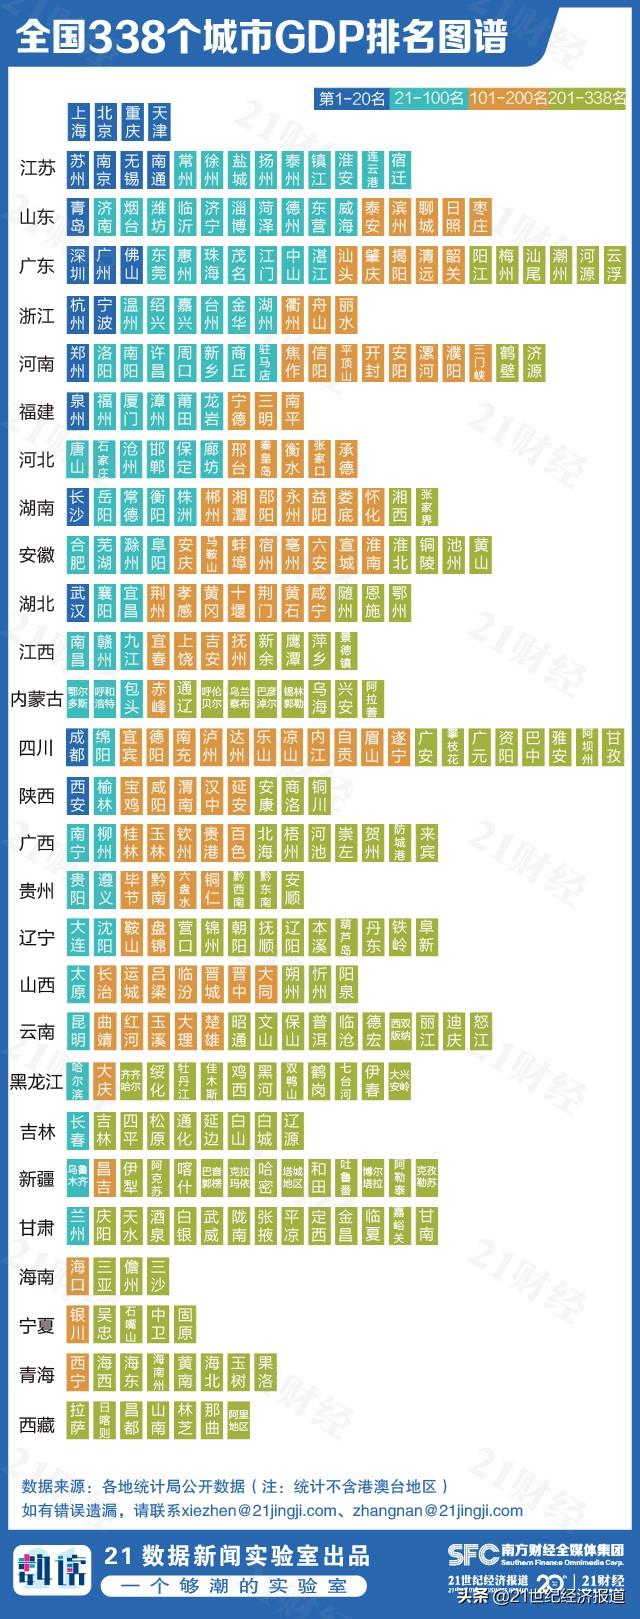 最新中国城市GDP百强榜:南京长沙西安崛起,江苏13城全入围,你的家乡排第几?(附榜单)